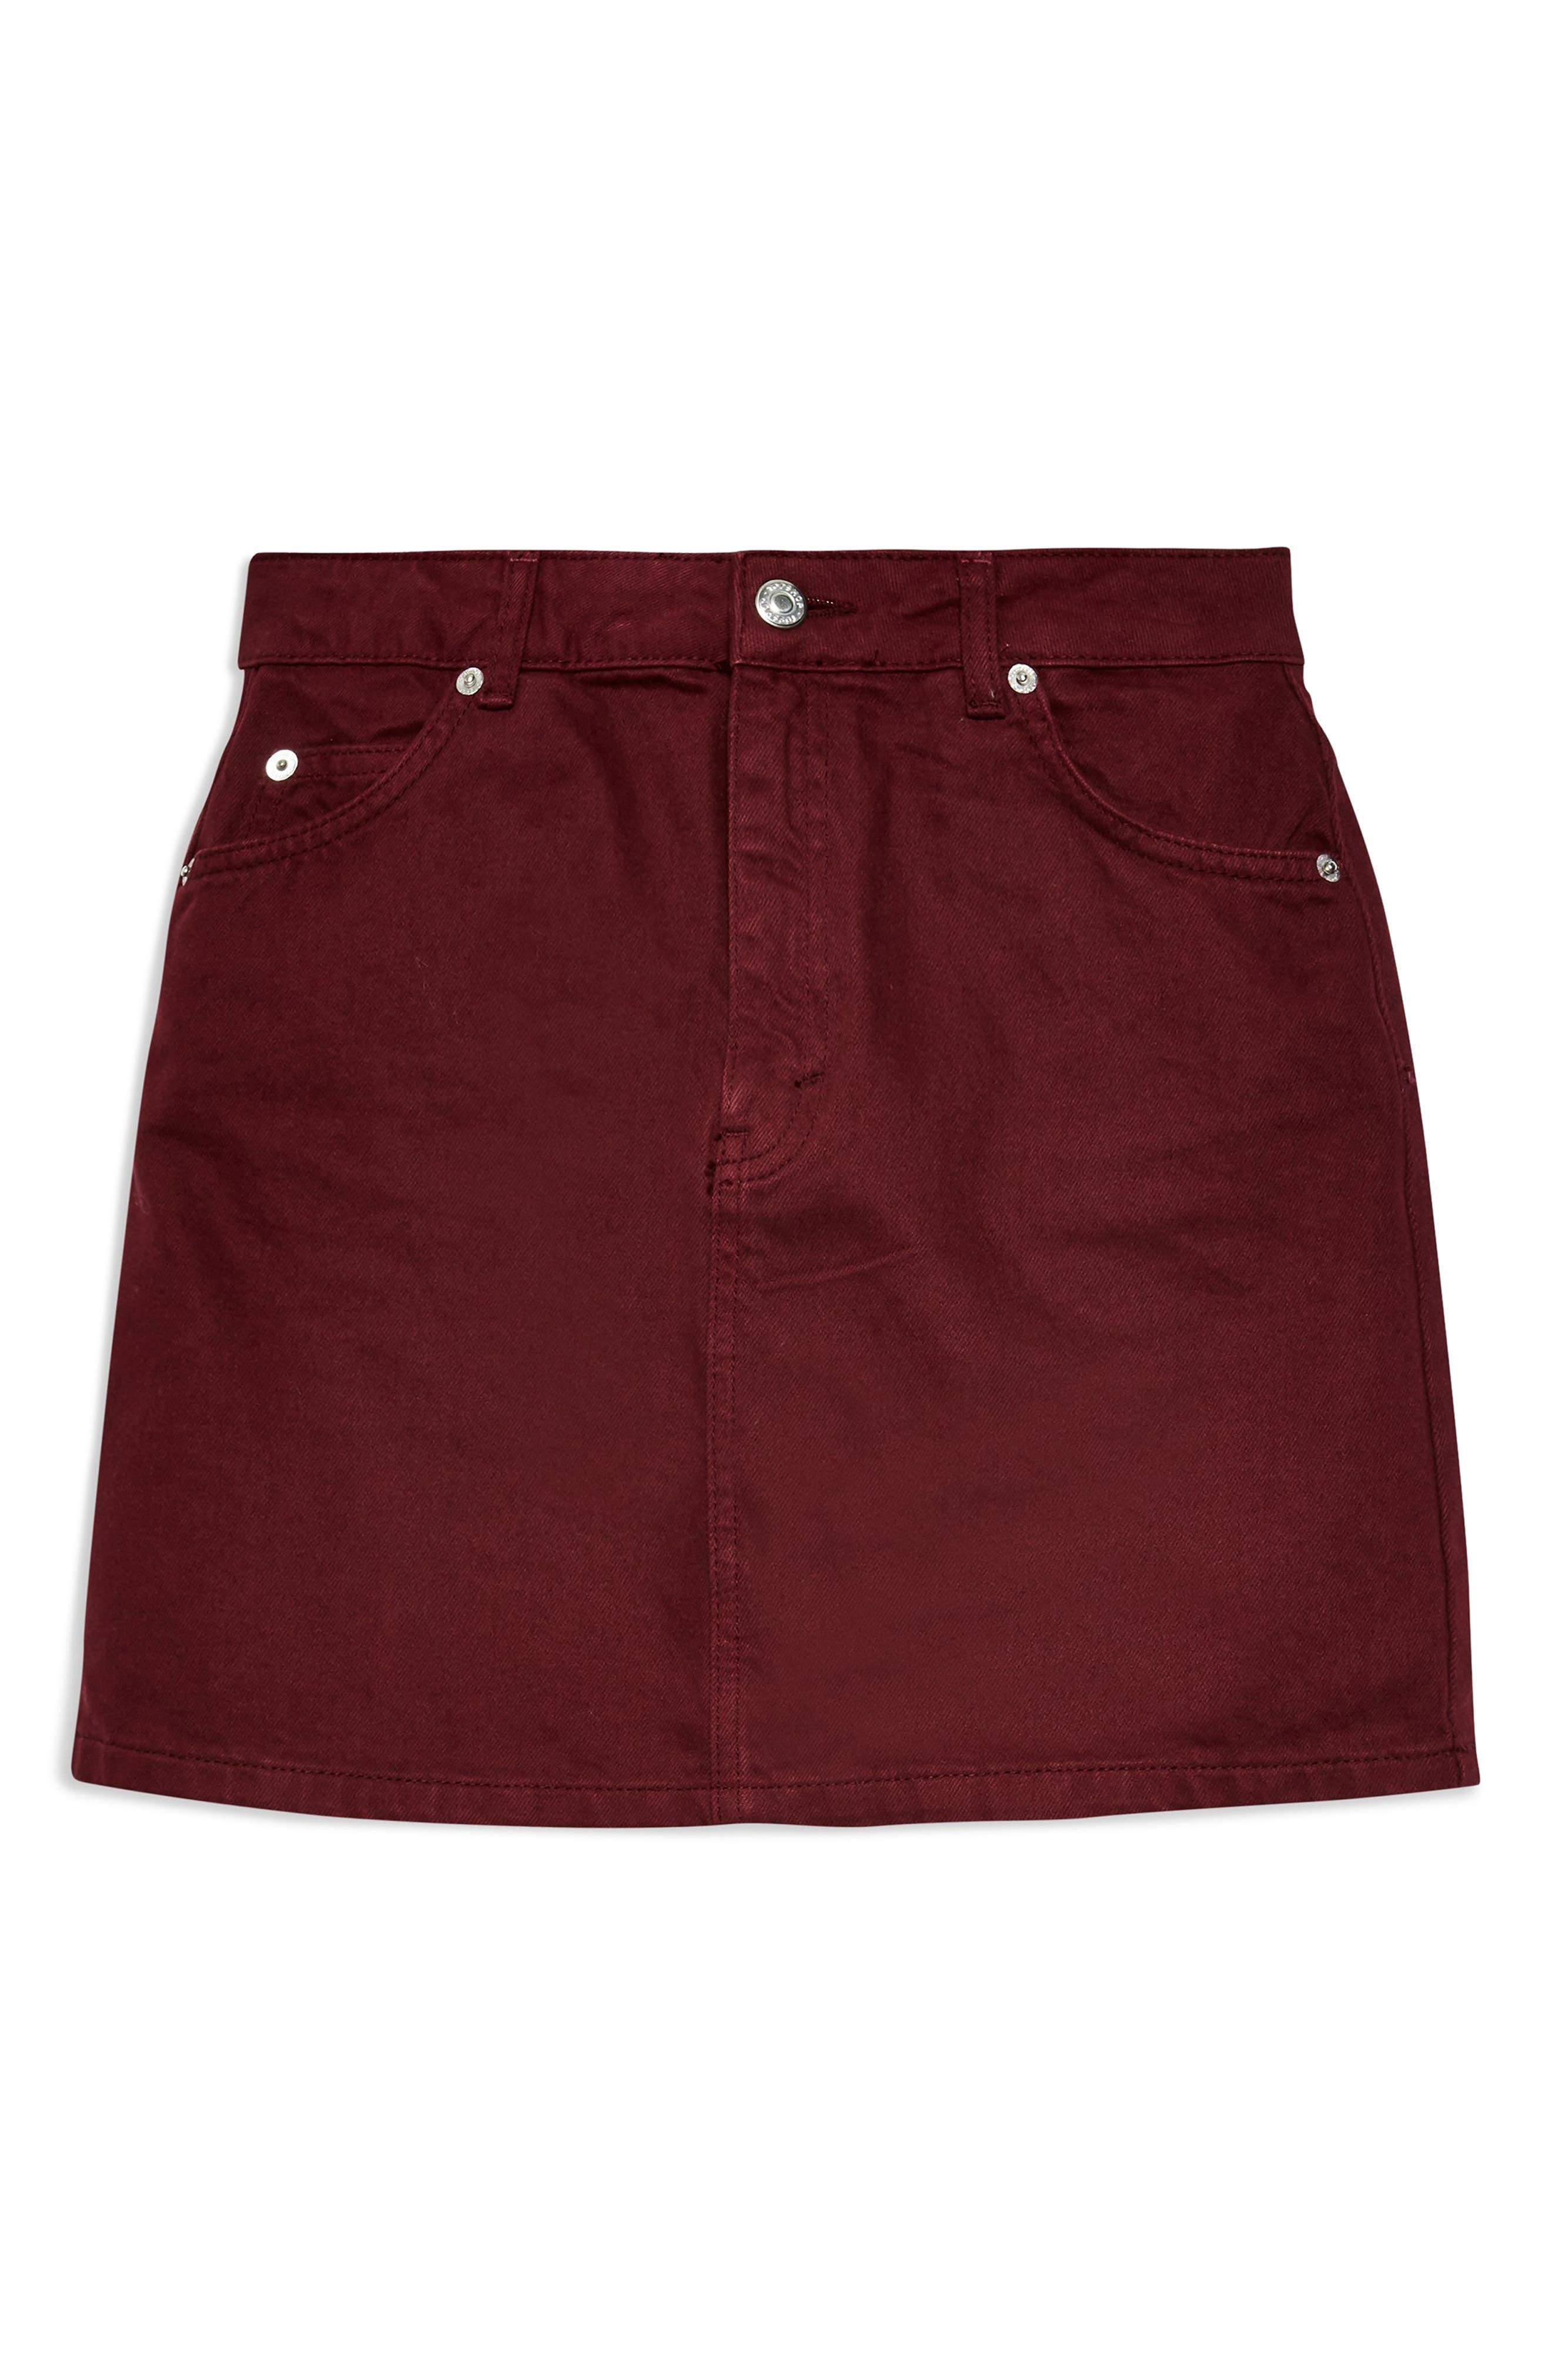 Bordeaux Denim Skirt,                             Alternate thumbnail 4, color,                             BURGUNDY